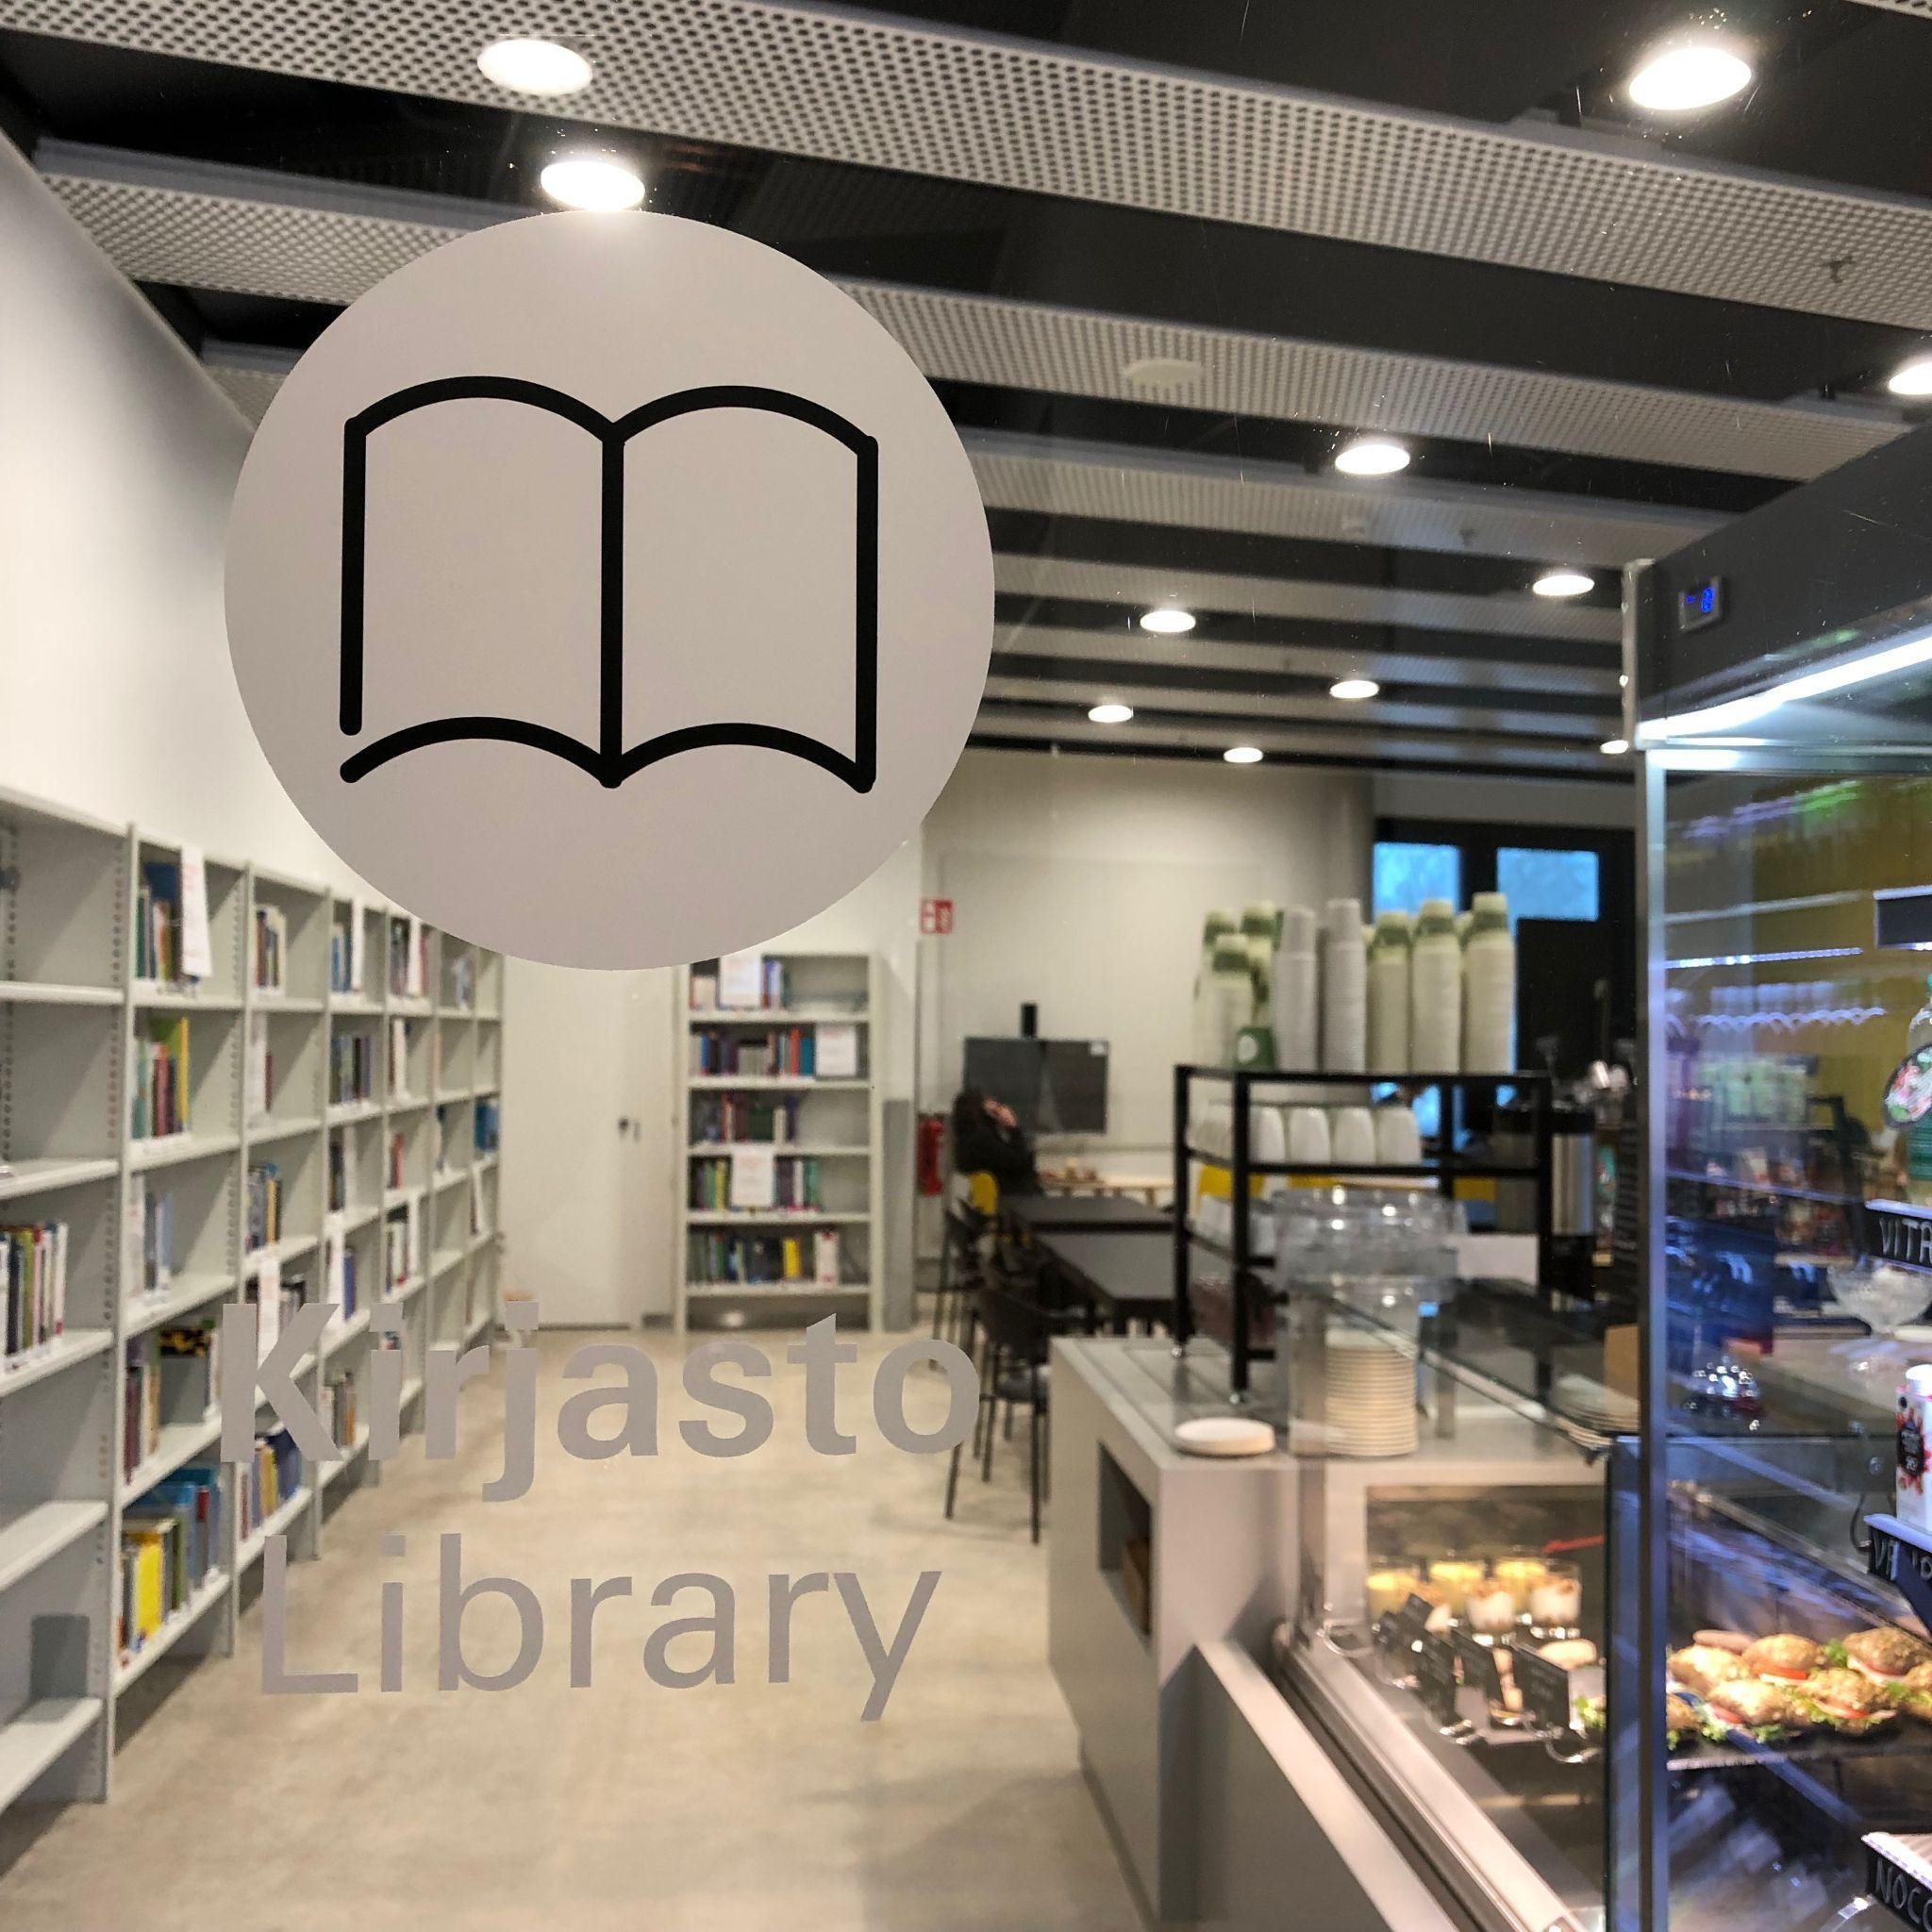 Kirjasto toimi vuoden verran väliaikaisissa tiloissa kahvilan yhteydessä. Kuva: Päivi Ylitalo-Kallio